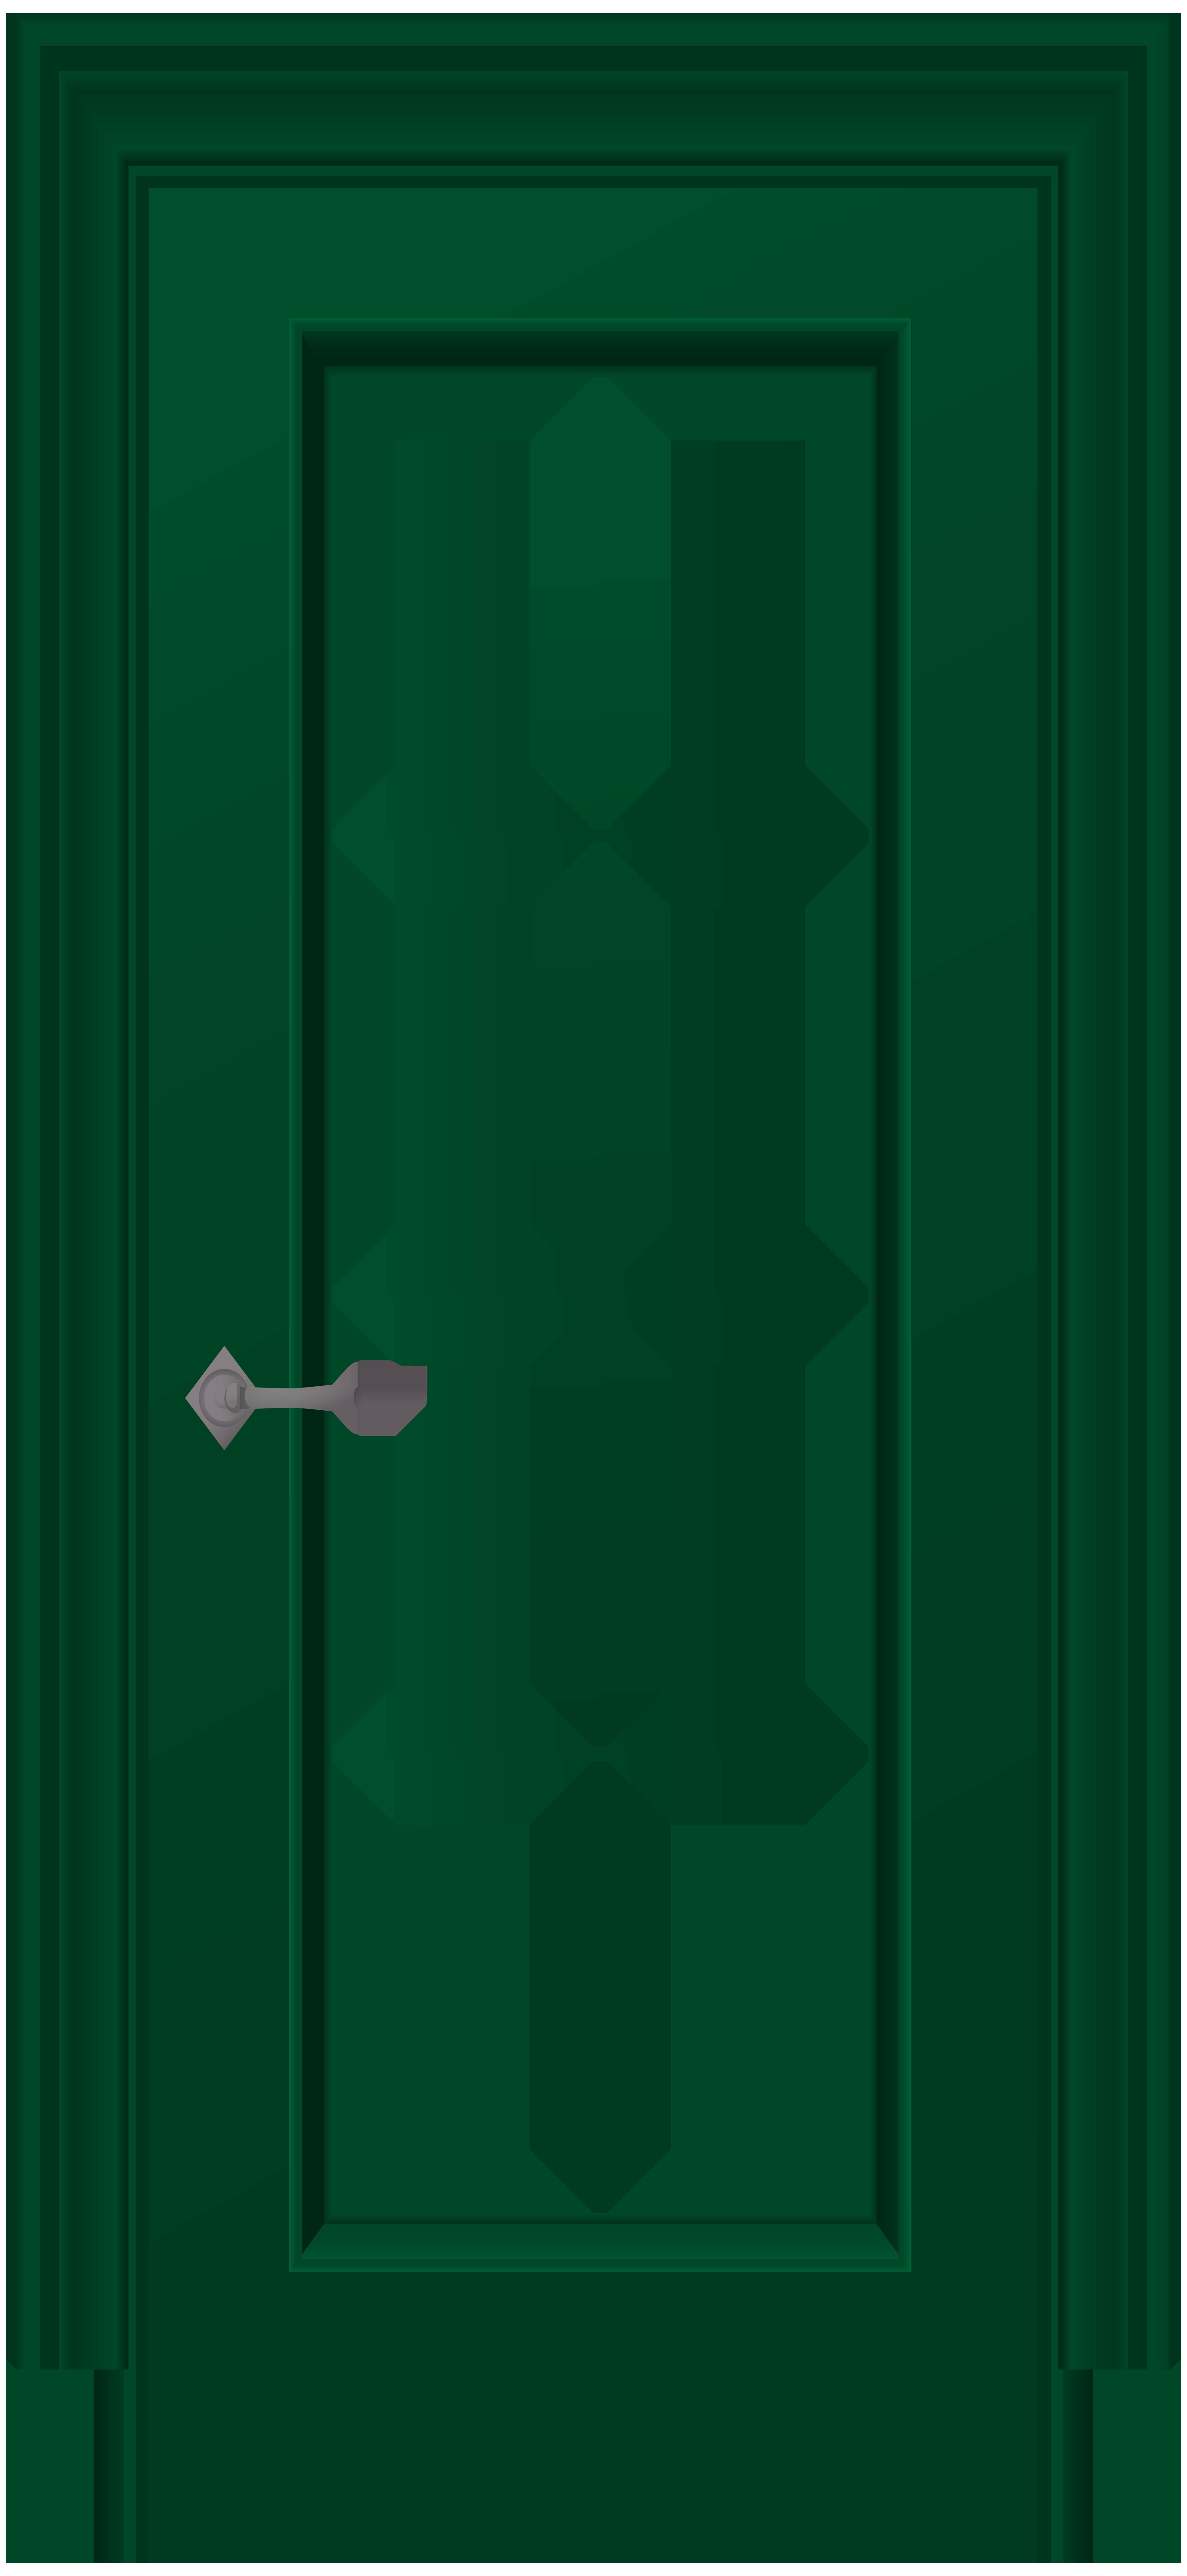 3685x8000 Green Door Png Clip Art